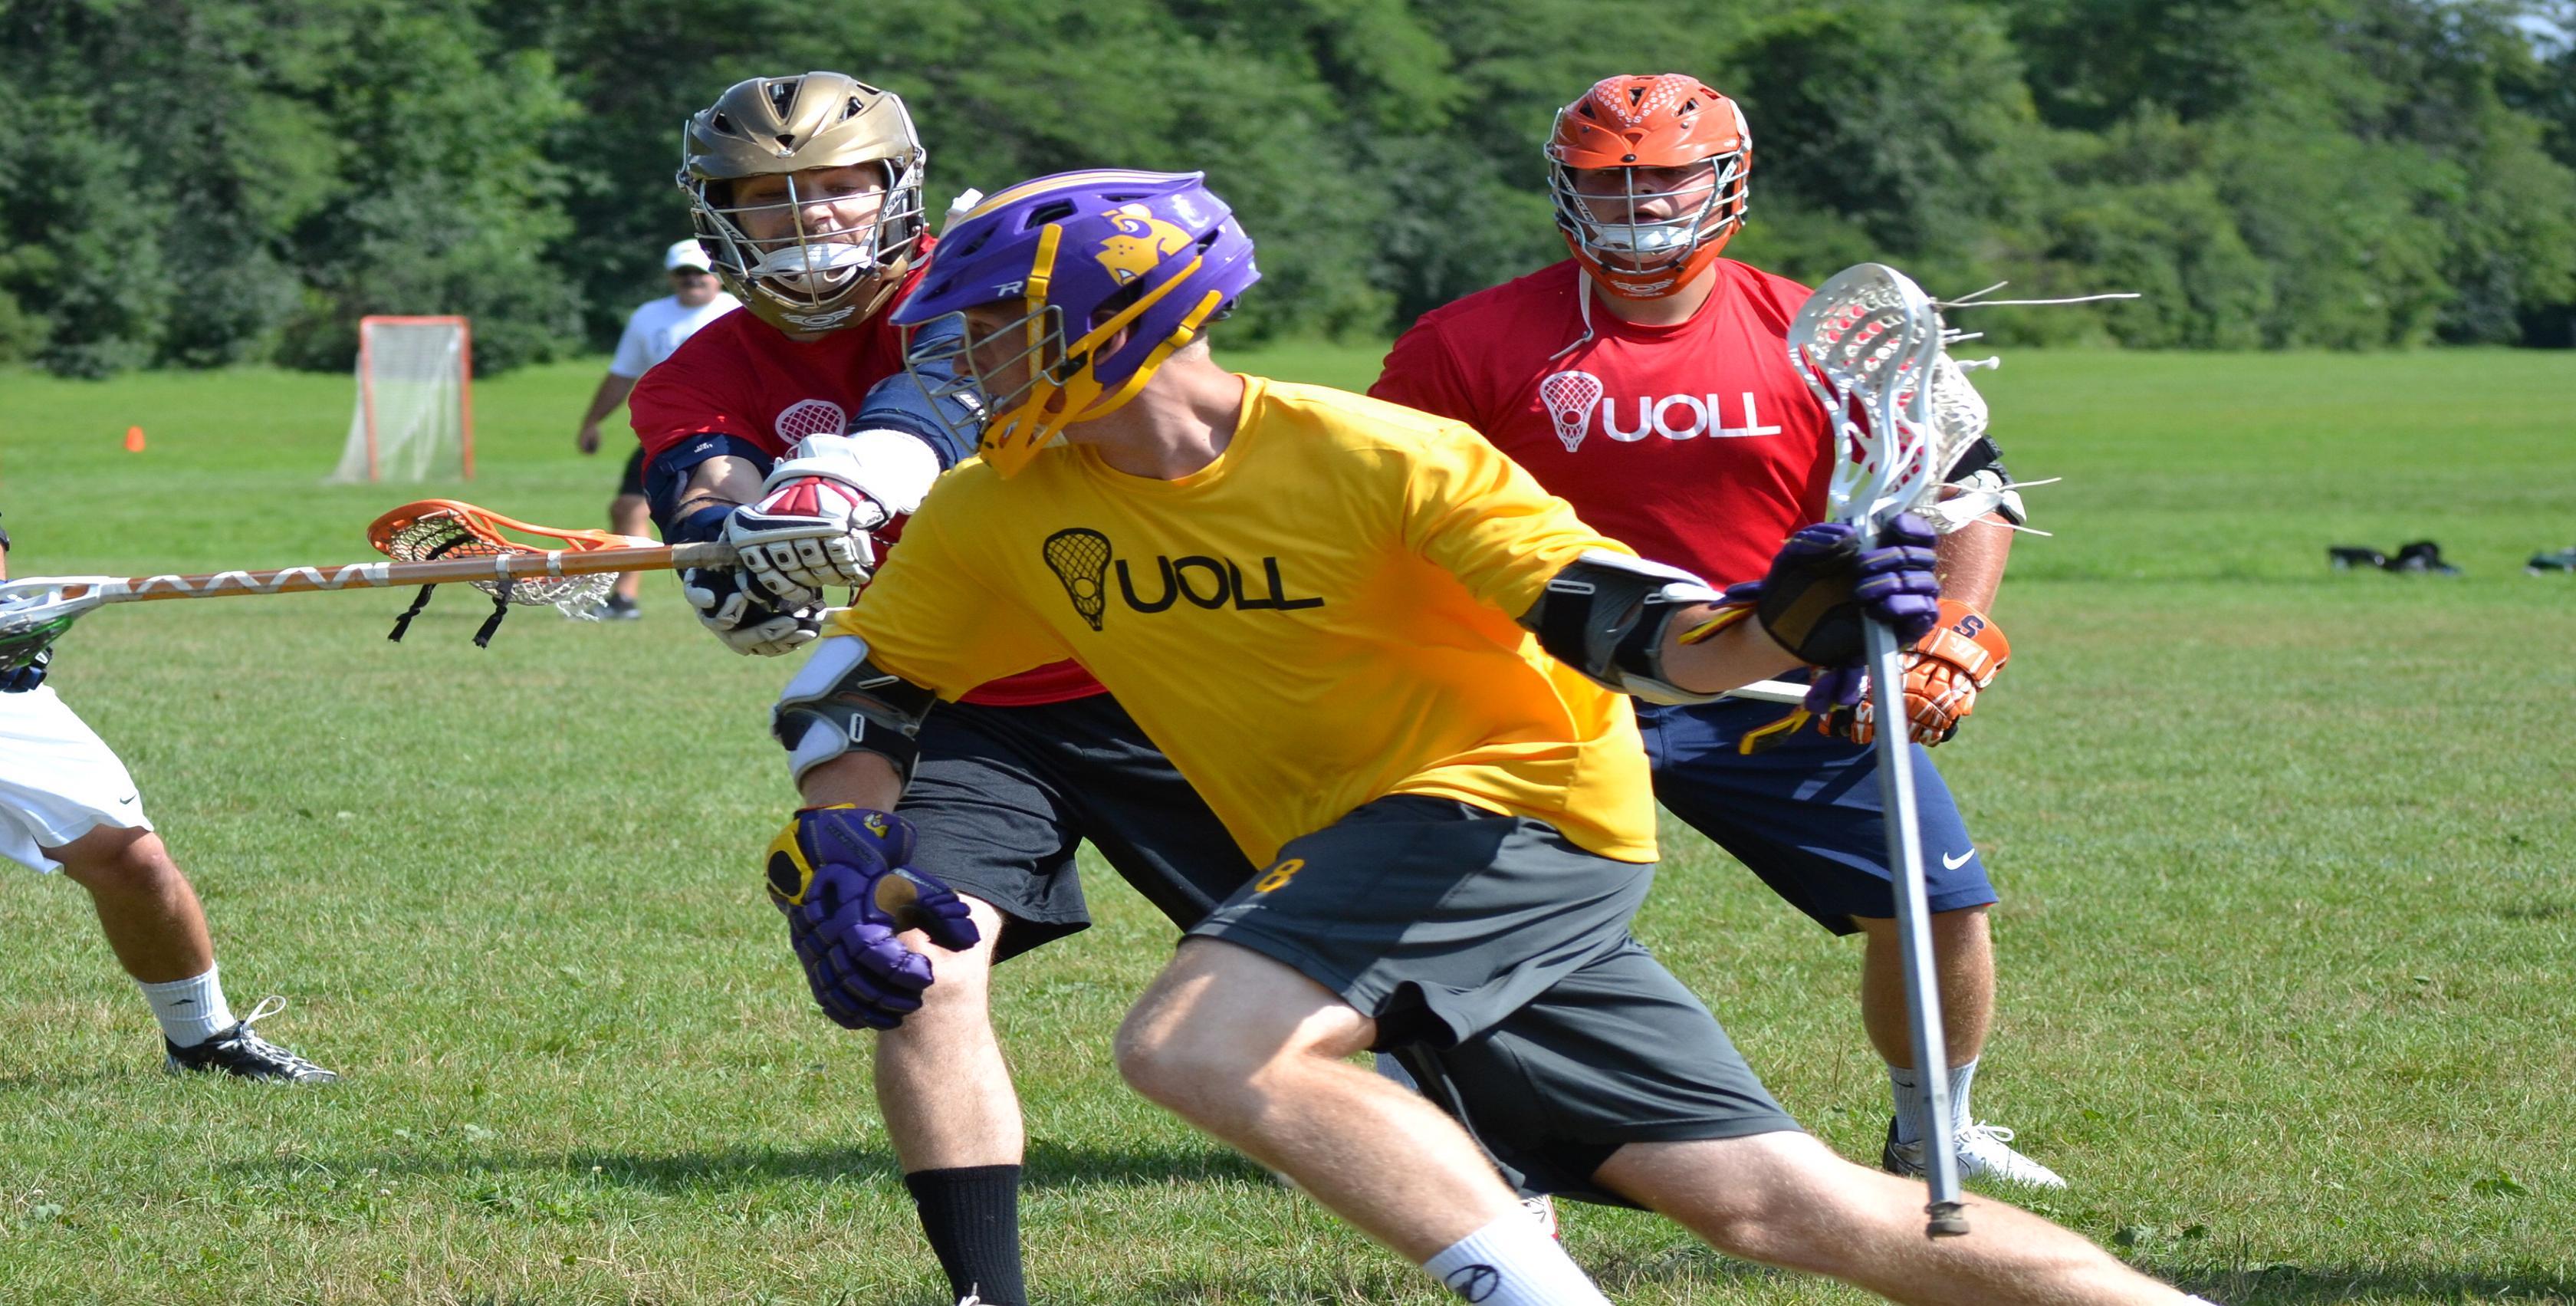 Upstate Outdoor Lacrosse Leauge, Lacrosse, Goal, Field